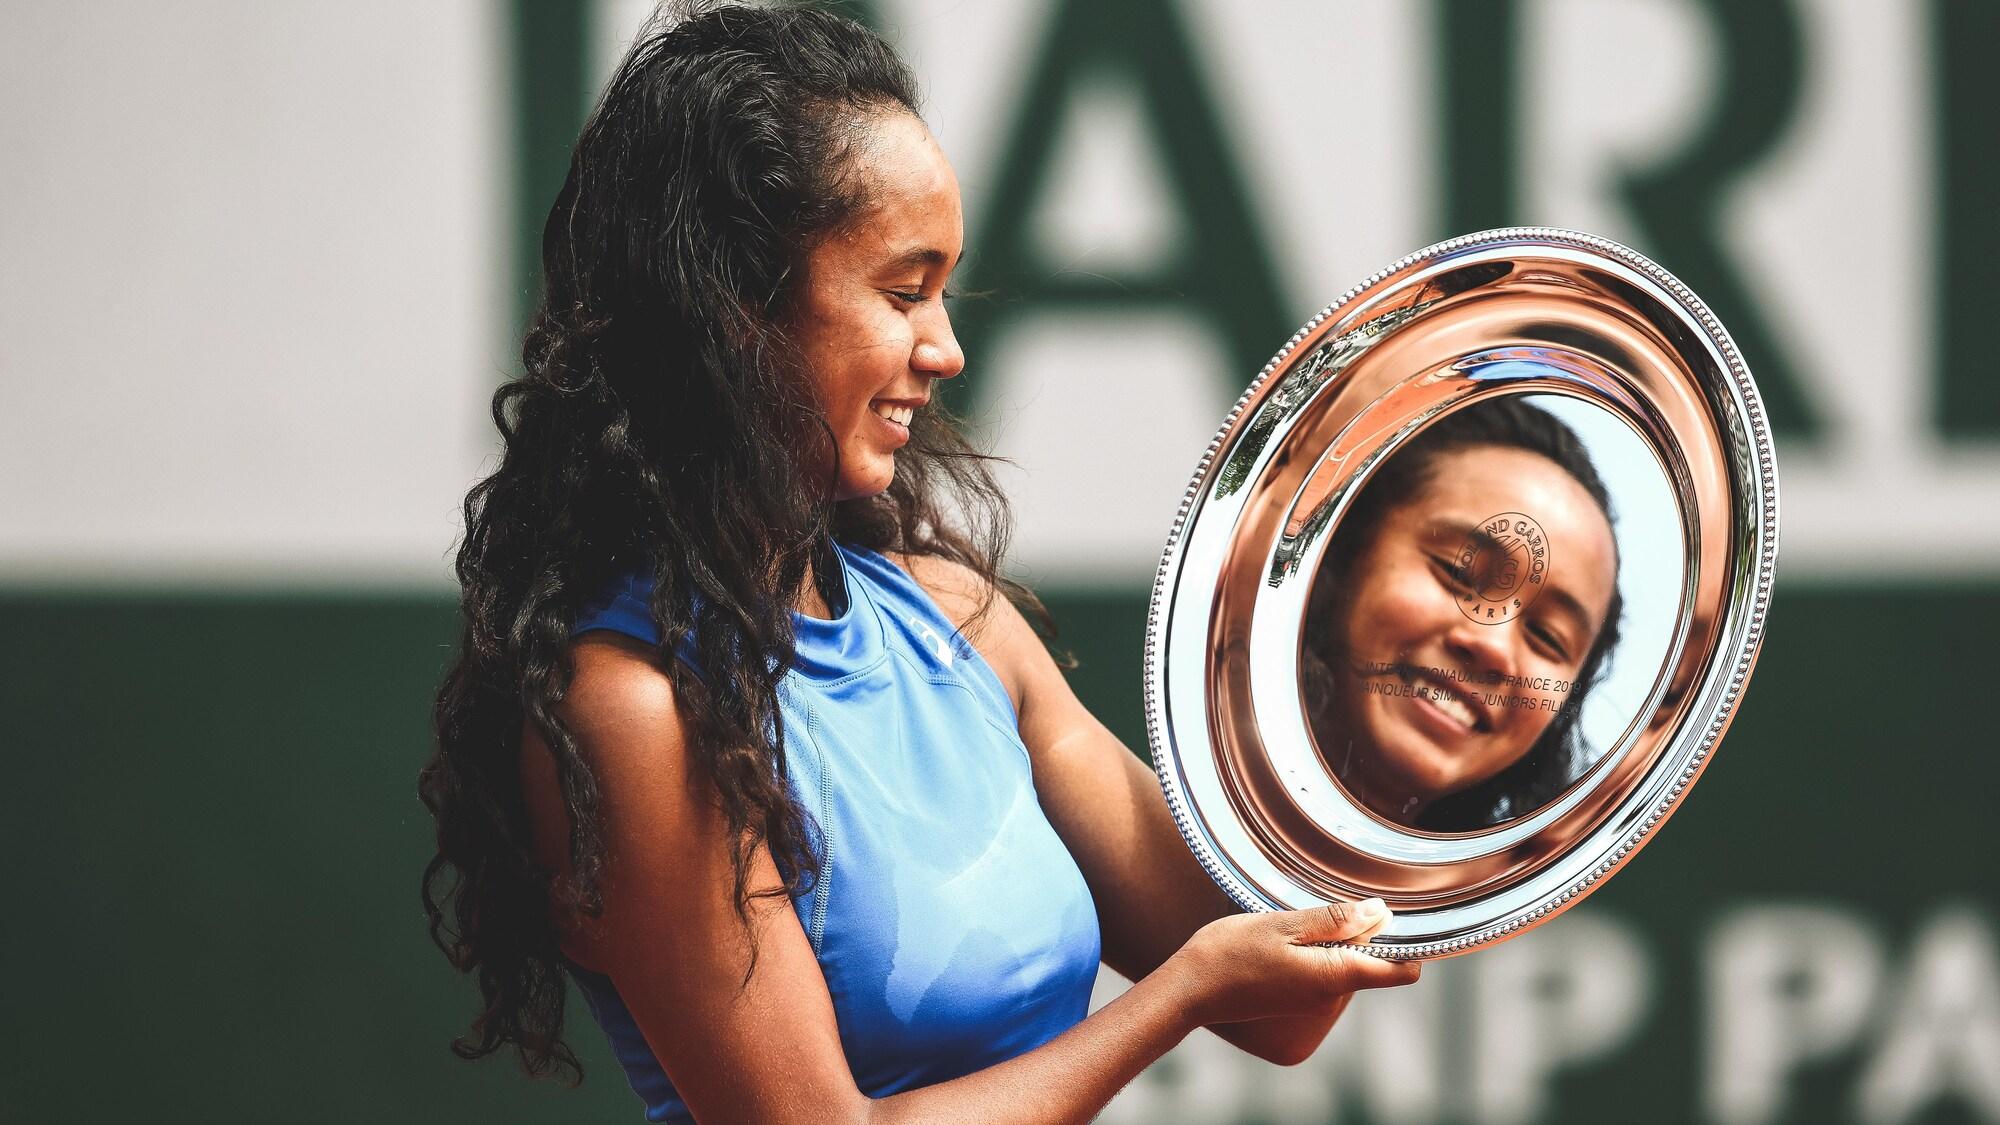 Leylah Annie Fernandez regarde en souriant le reflet de son visage que lui renvoie le trophée.